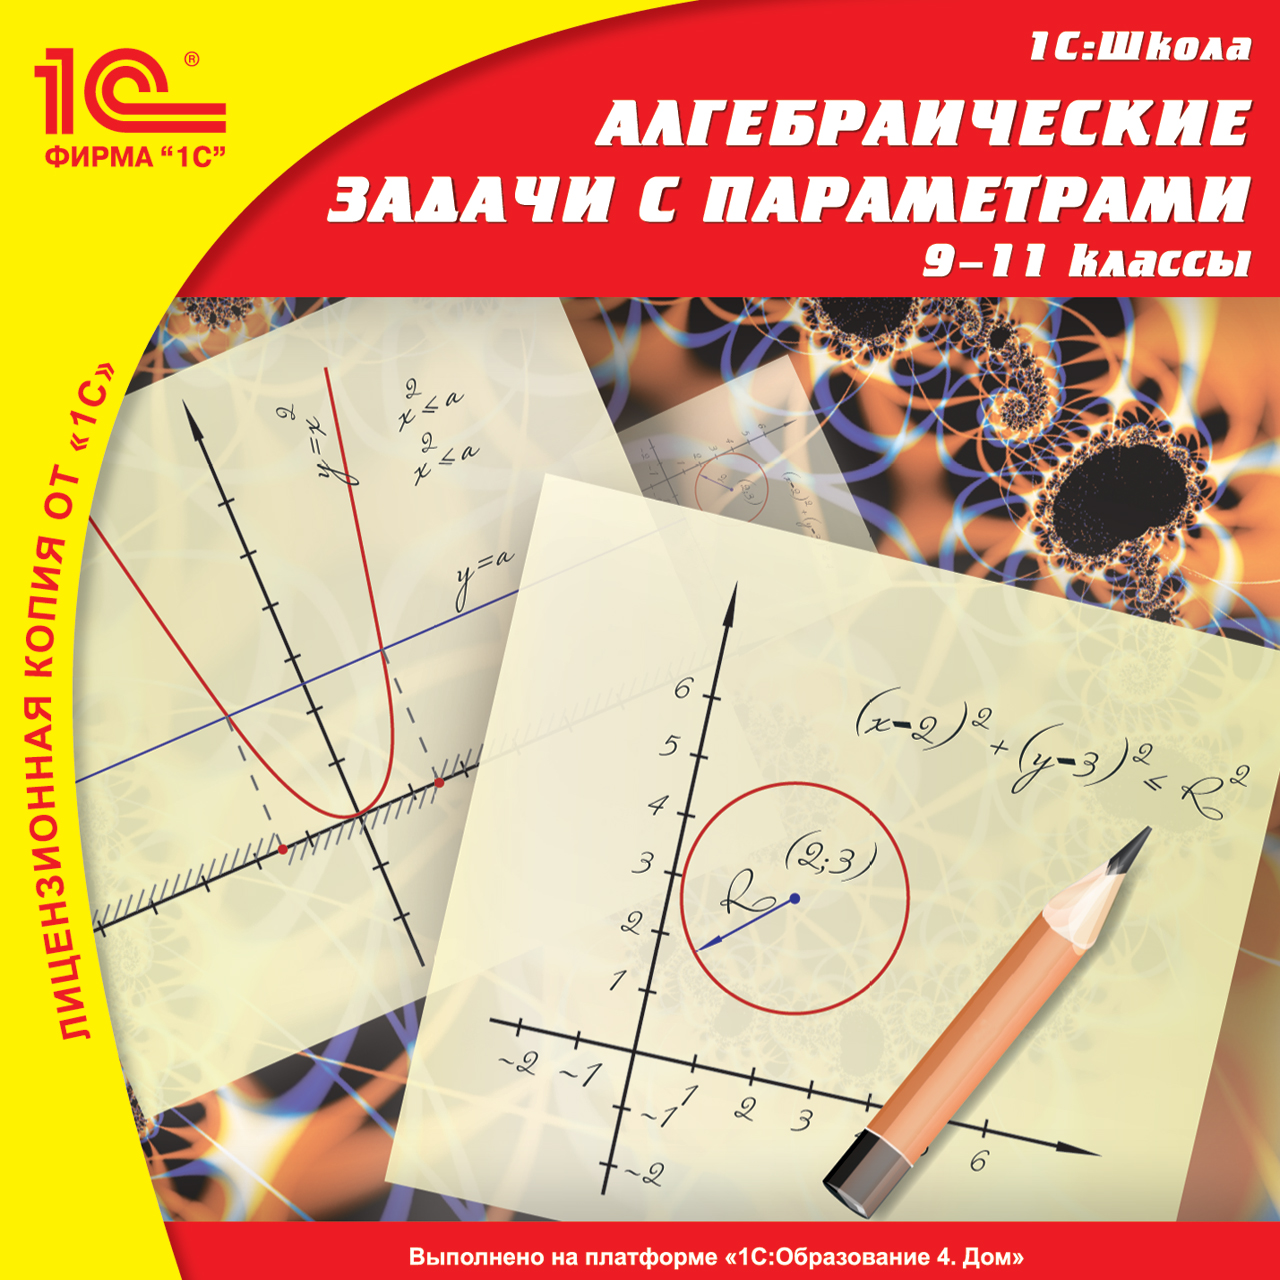 Алгебраические задачи с параметрами. 9-11 класс  (2-е издание, исправленное и дополненное)Образовательный комплекс Алгебраические задачи с параметрами, 9–11 классы посвящен одной из наиболее трудных тем школьного курса алгебры.<br>